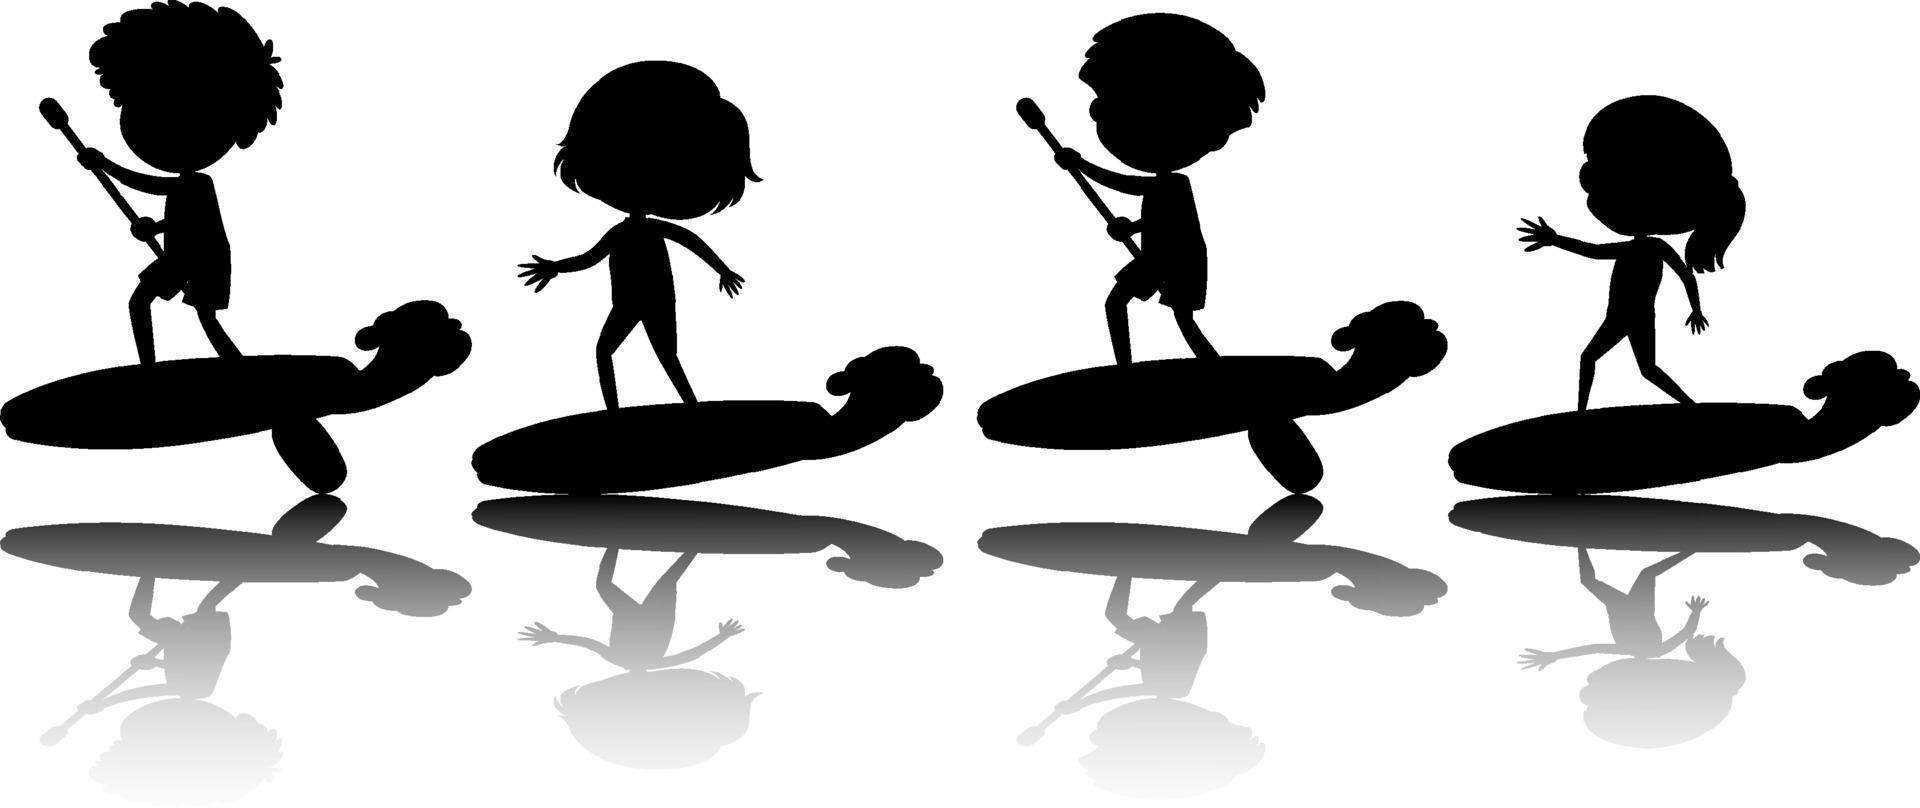 set van verschillende kinderen op surfplank silhouet vector